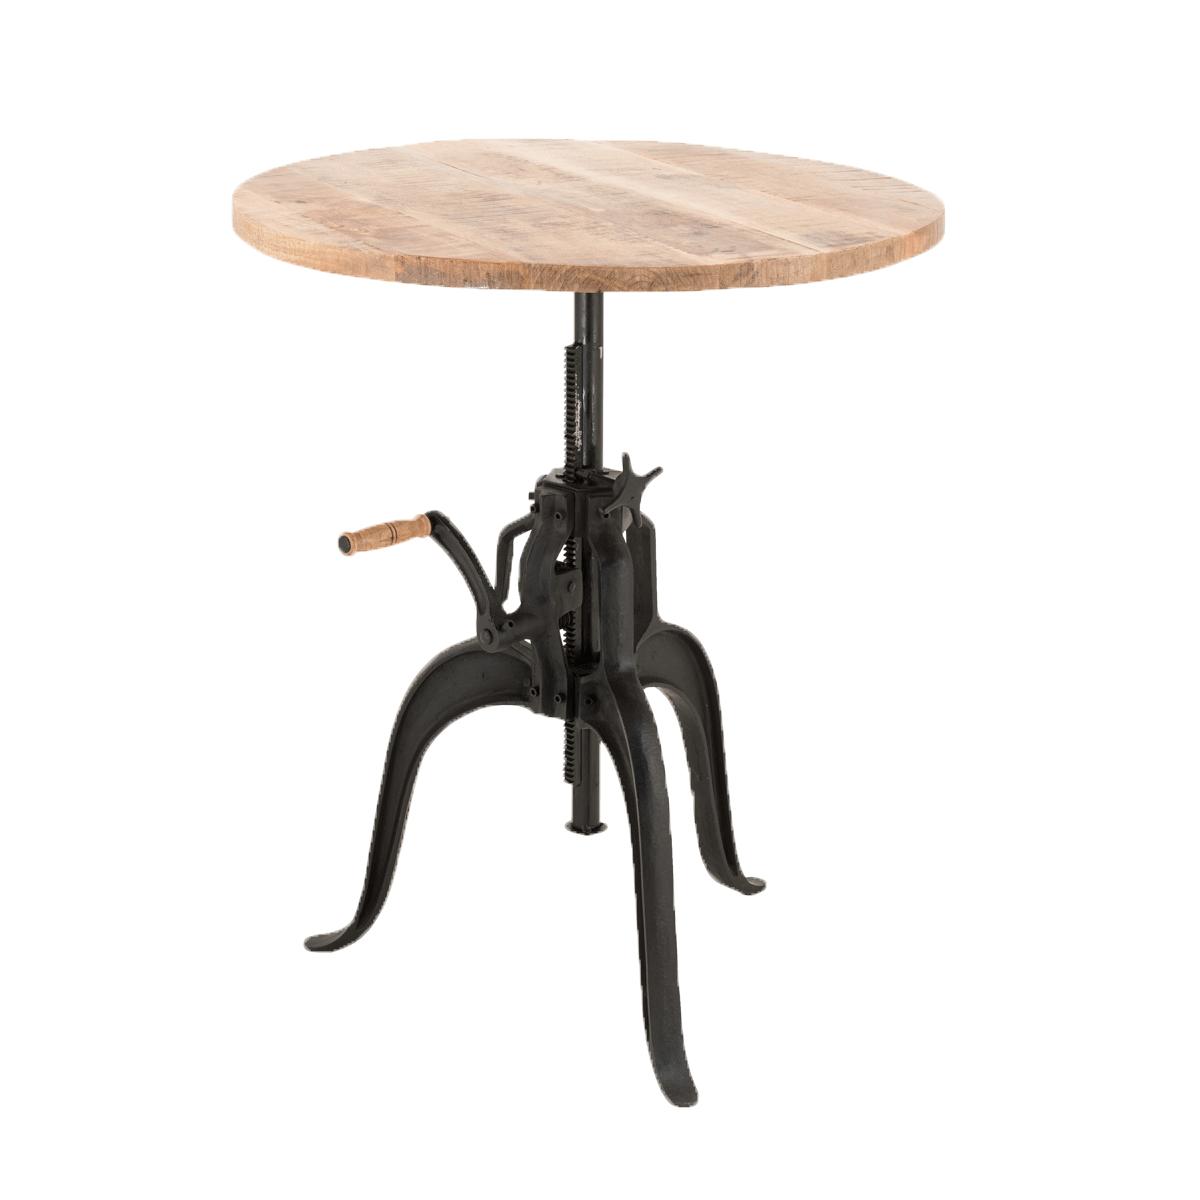 Industrial Chic Esstisch Tisch Massivholz Mango rund verstellbar